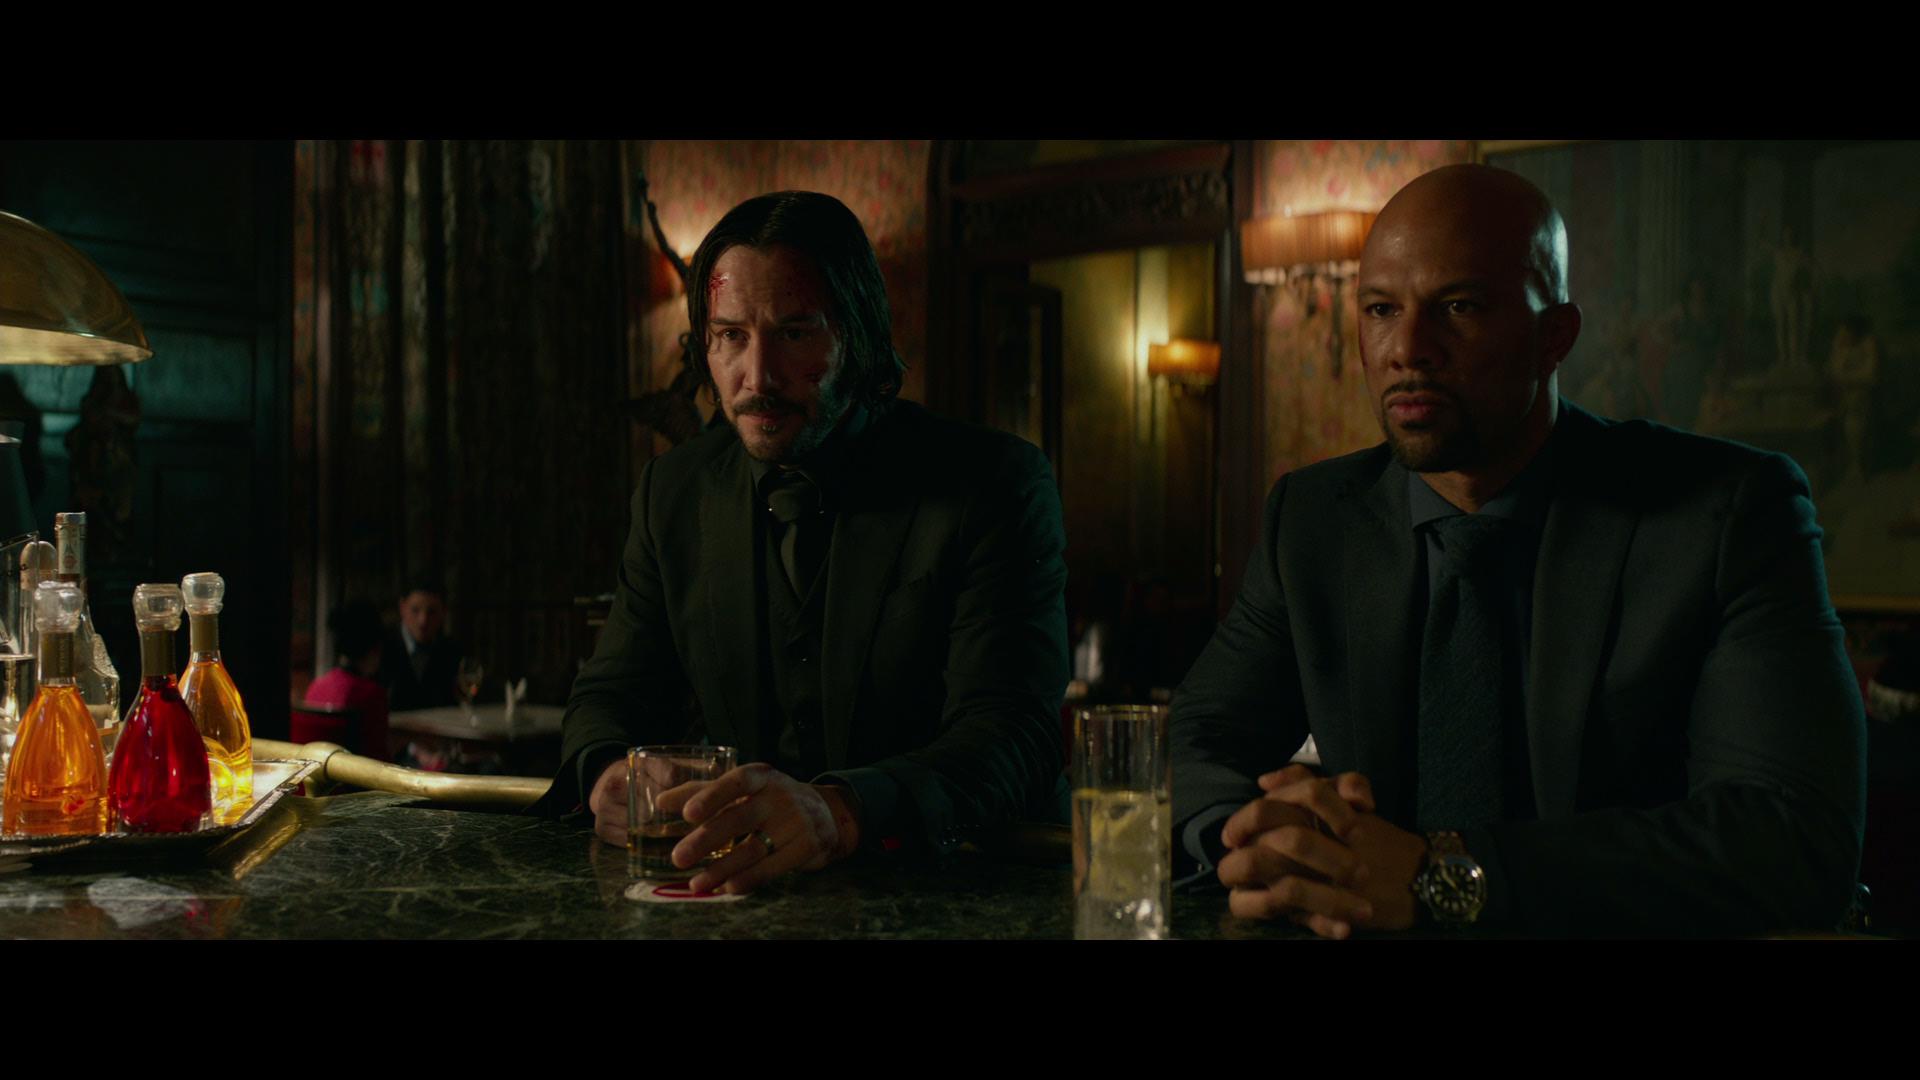 John Wick 2: John Wick: Chapter 2 Blu-ray Review